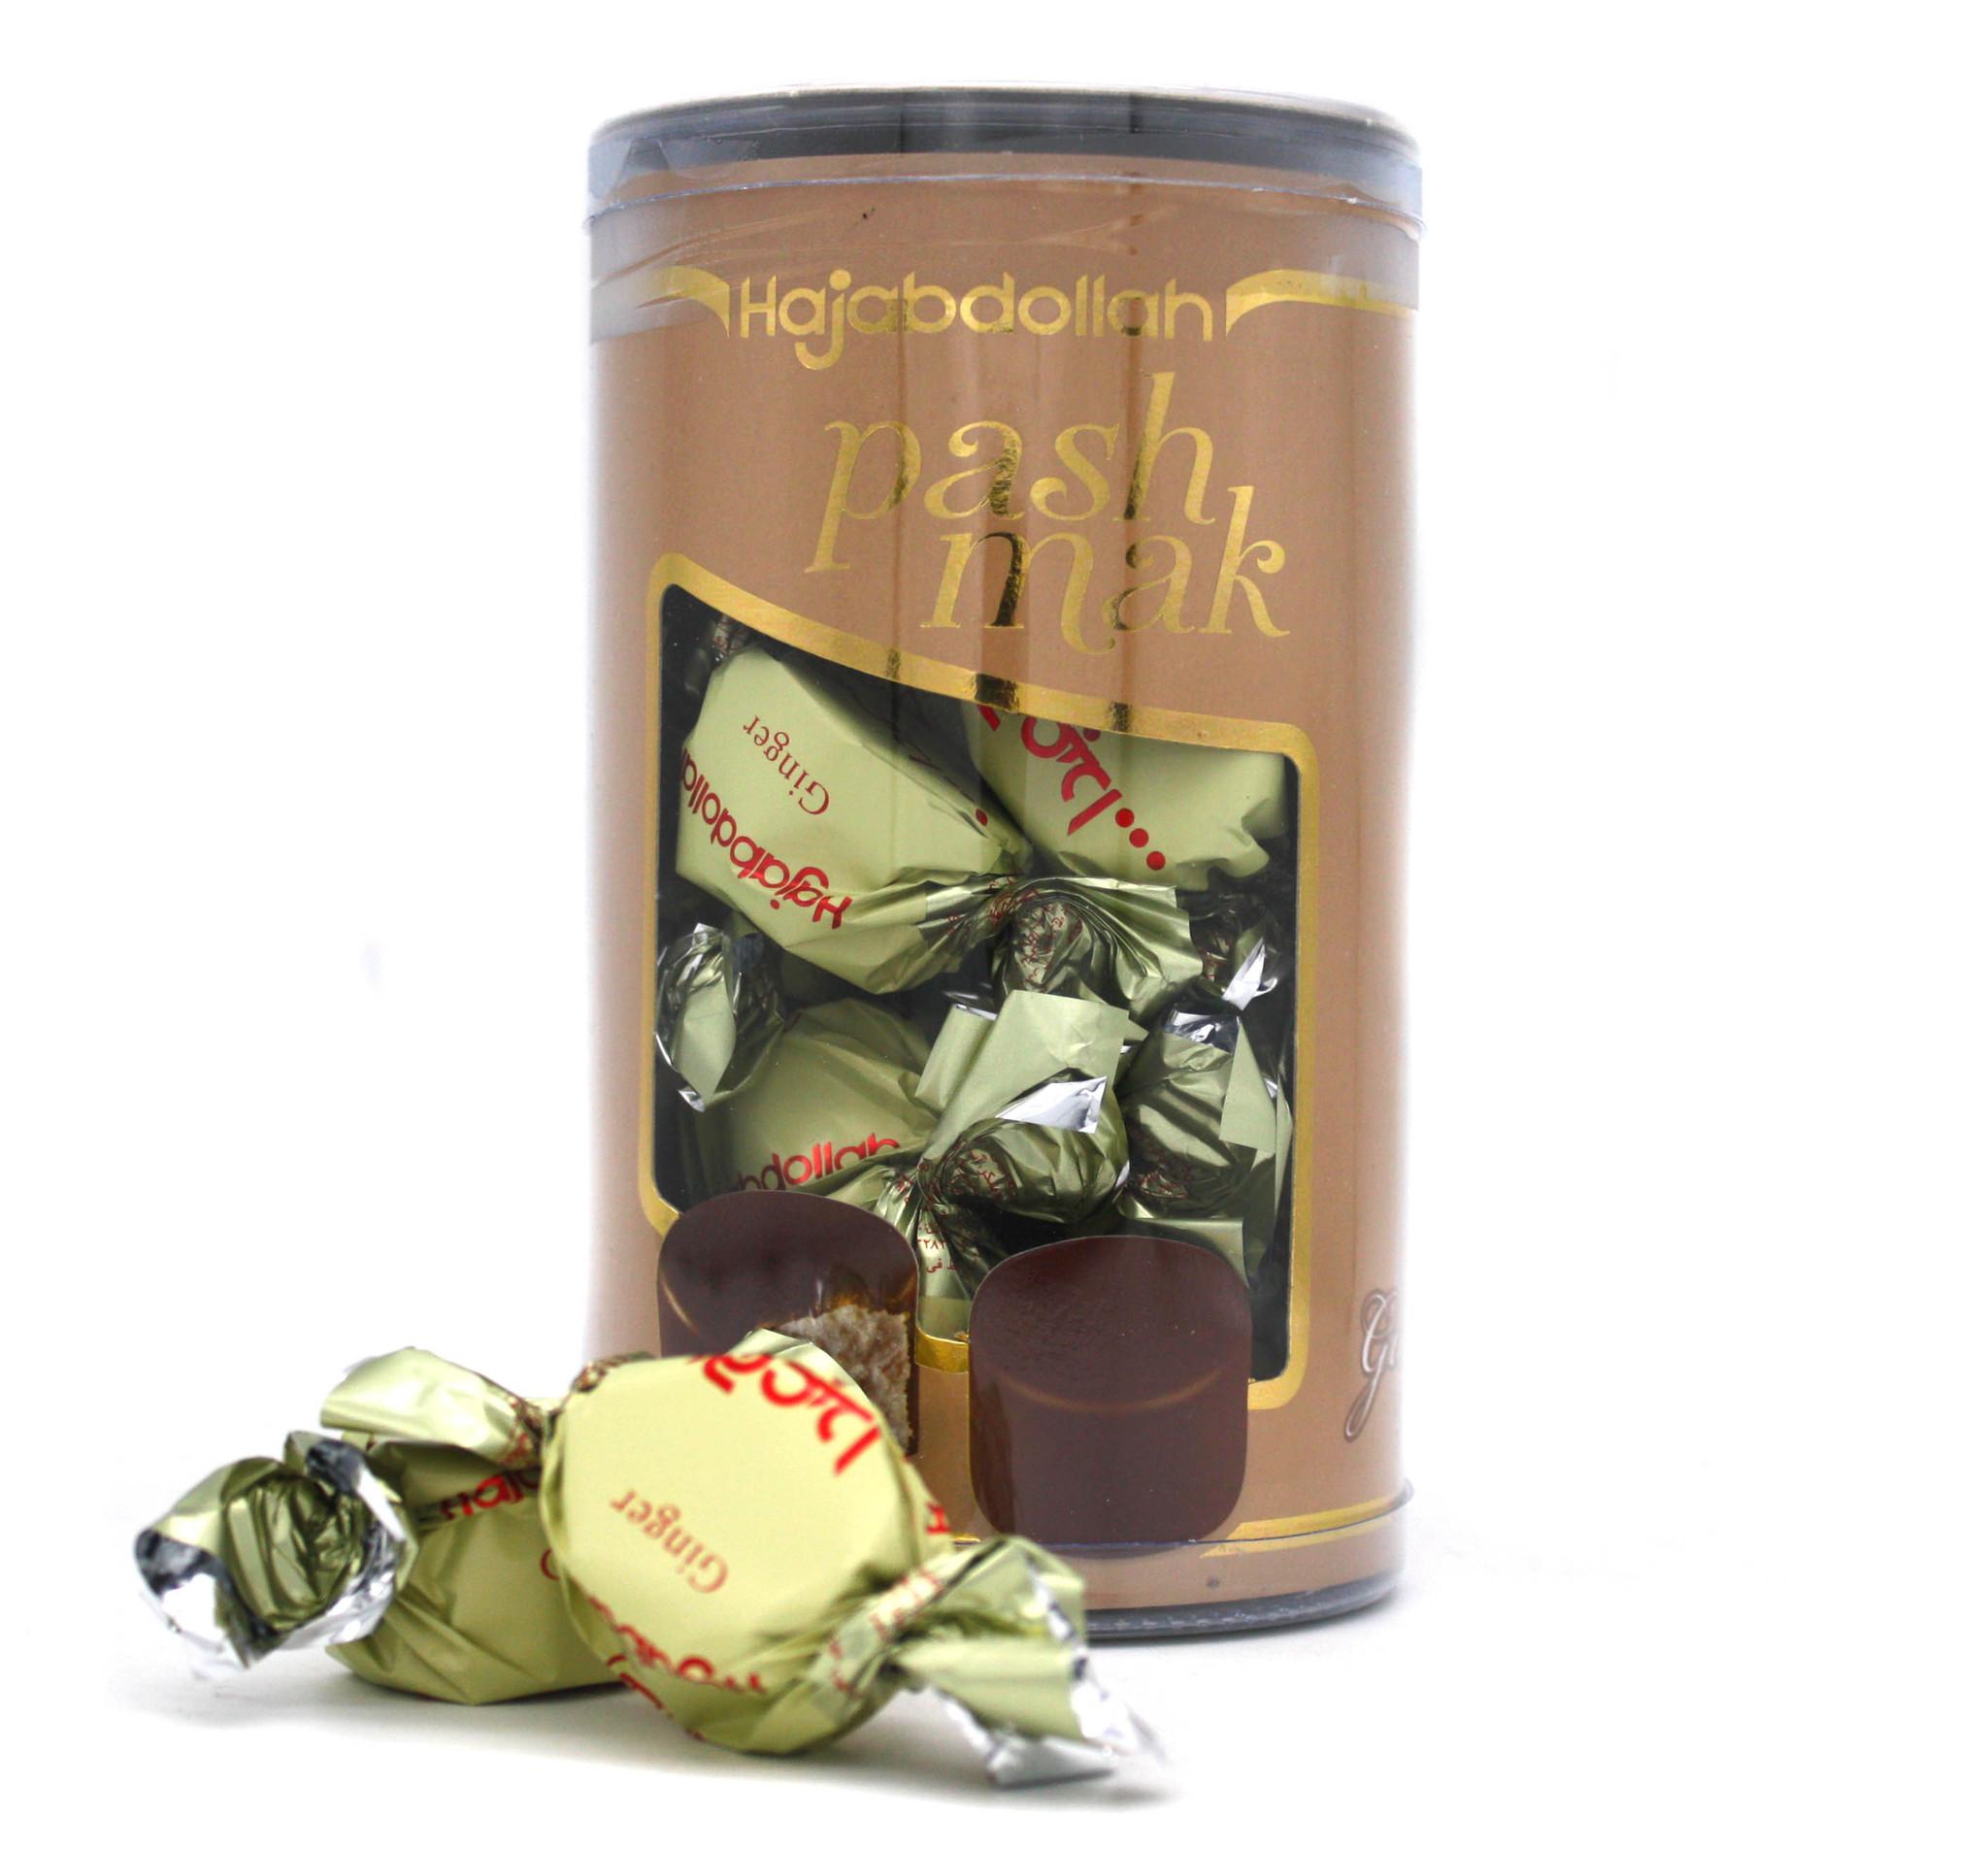 Пишмание со вкусом имбиря в шоколадной глазури, Hajabdollah, 200 г import_files_63_63d1dda57c5a11e9a9ac484d7ecee297_bfdebcfa815511e9a9ac484d7ecee297.jpg